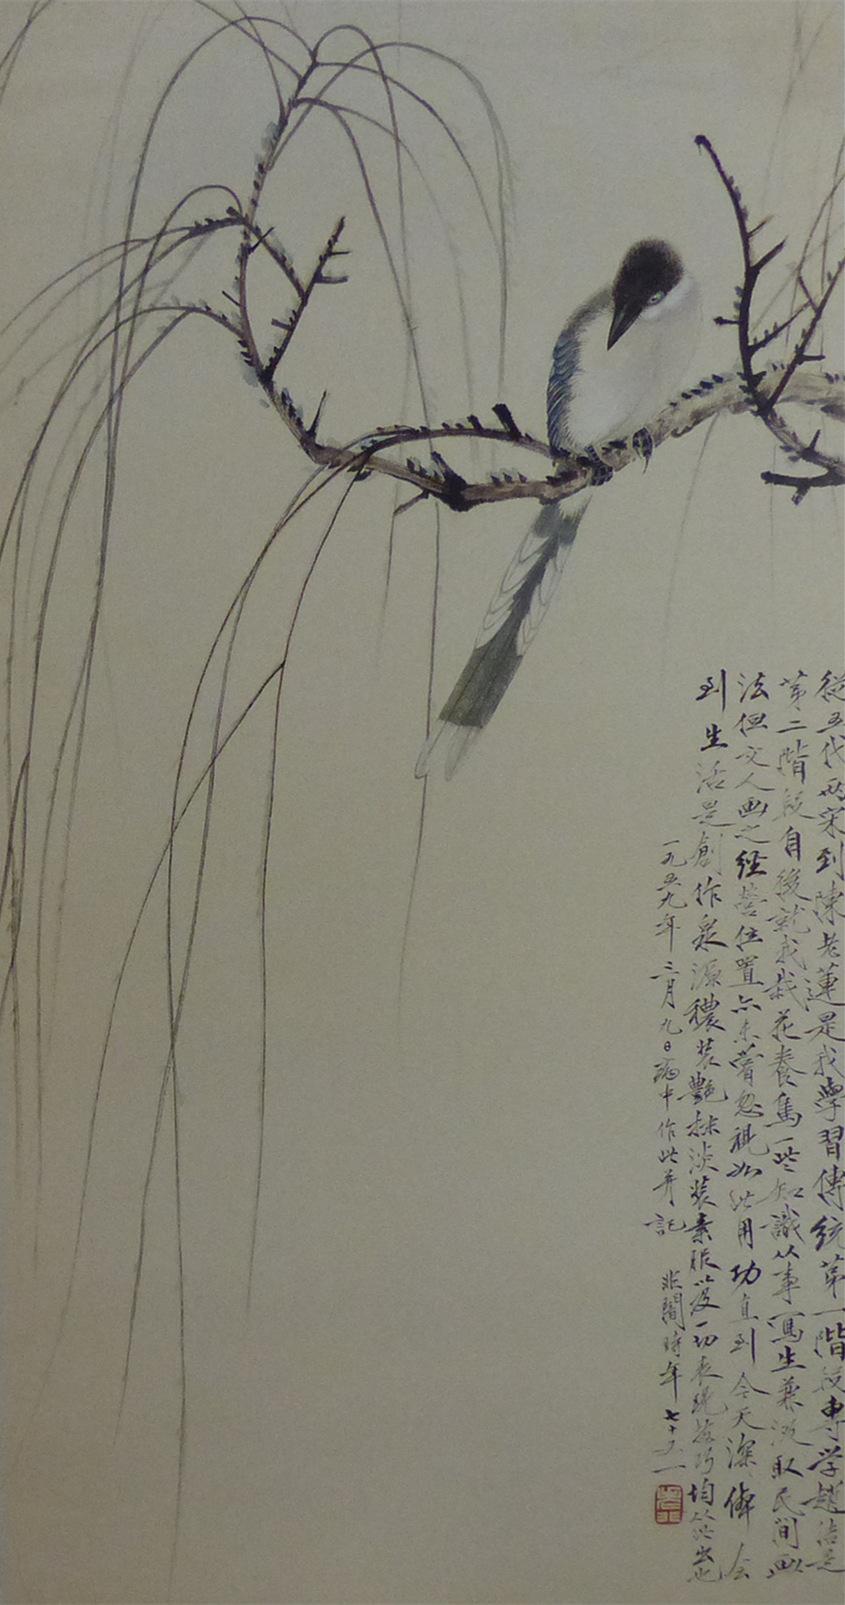 艺道首页 艺术鉴赏 西画· 风景画 喜鹊柳树  图片中的放大镜,支持